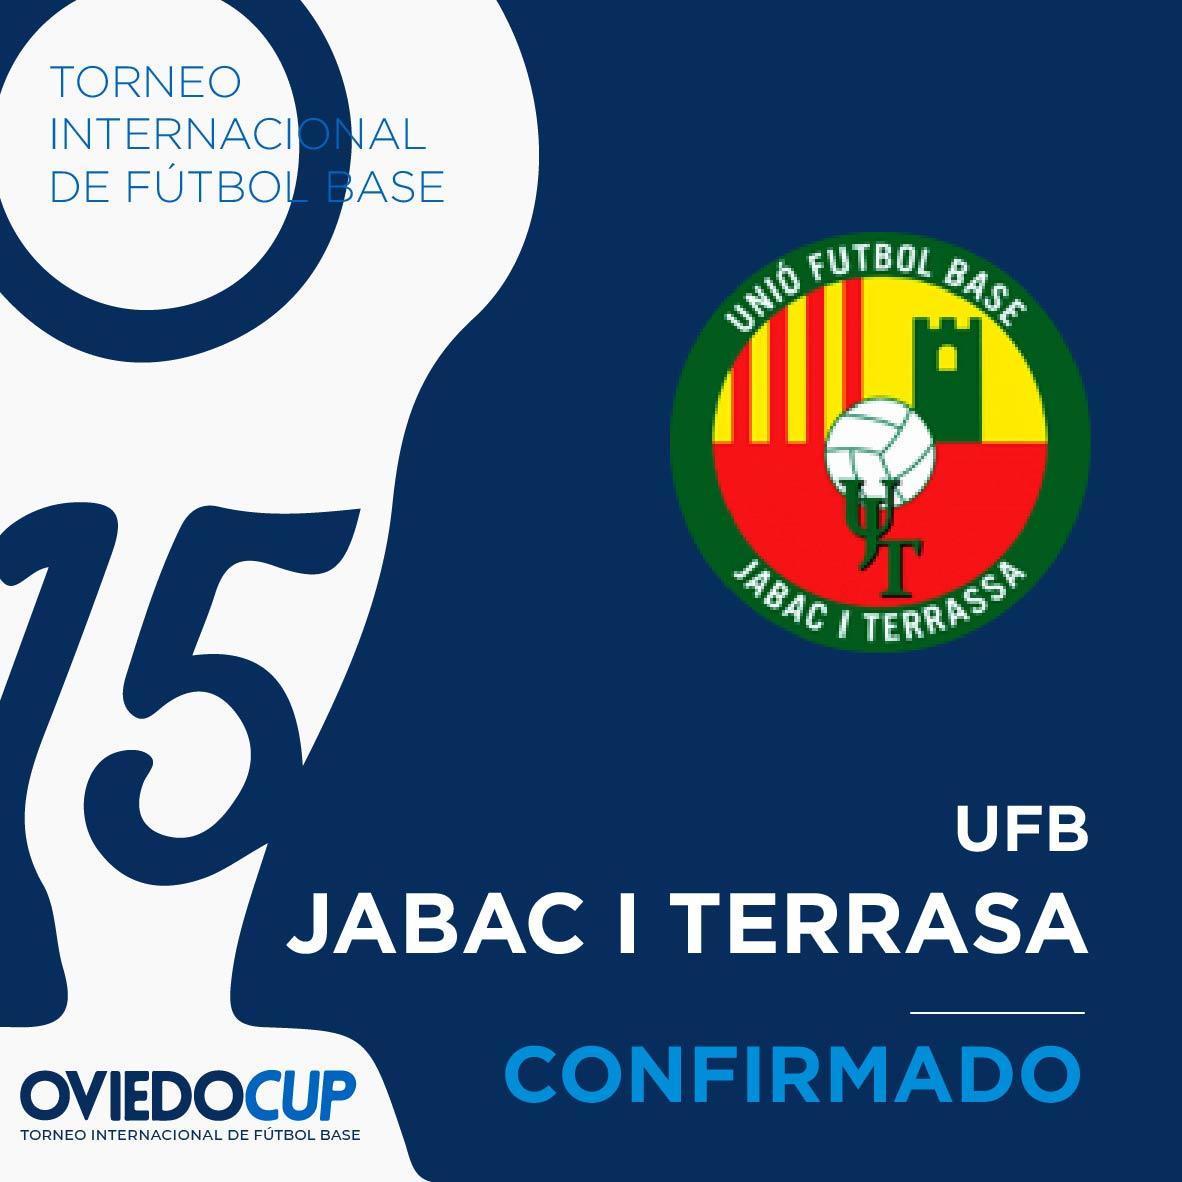   EQUIPO CONFIRMADO  ¡¡Otro año más, el club catalán estará presente en la #OviedoCup2020!! @UJabacTerrassa  #TorneoInternacional #FútboBase #OviedoCup #XVEdición #SemanaSantapic.twitter.com/u5voDW0qNJ